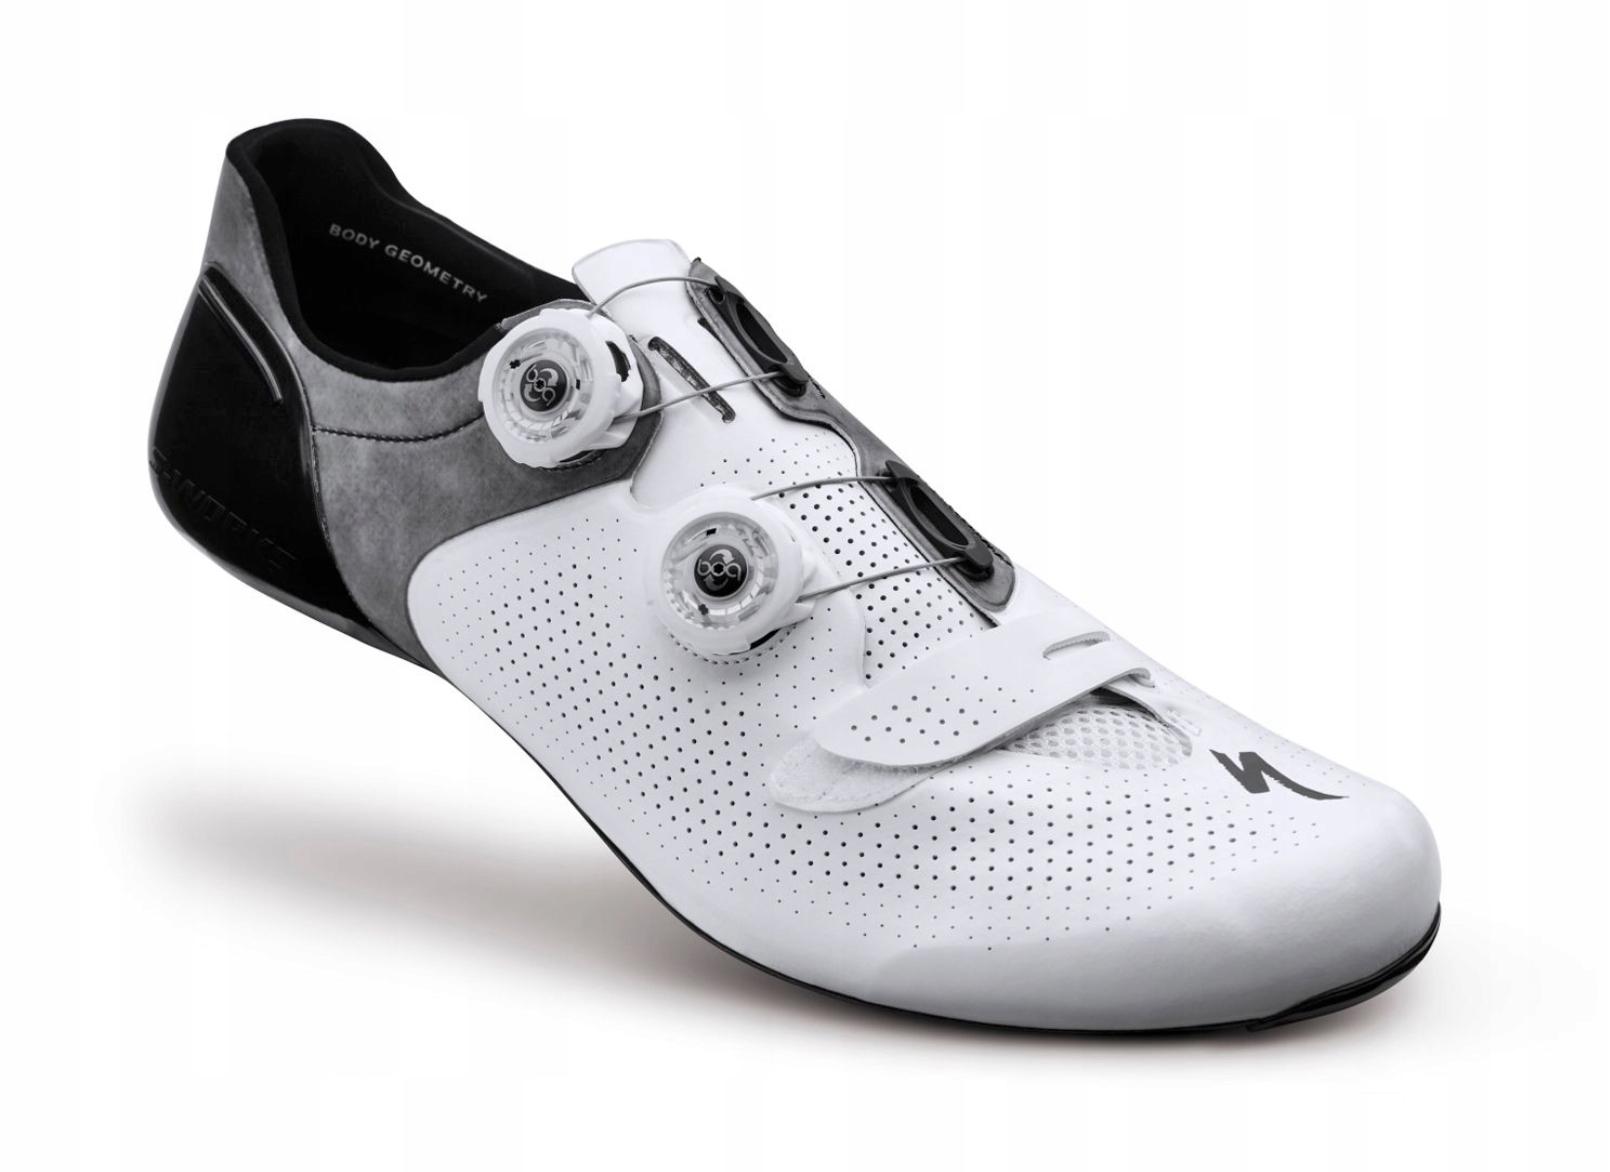 Buty szosowe S-Works 42 białe BCM nowe